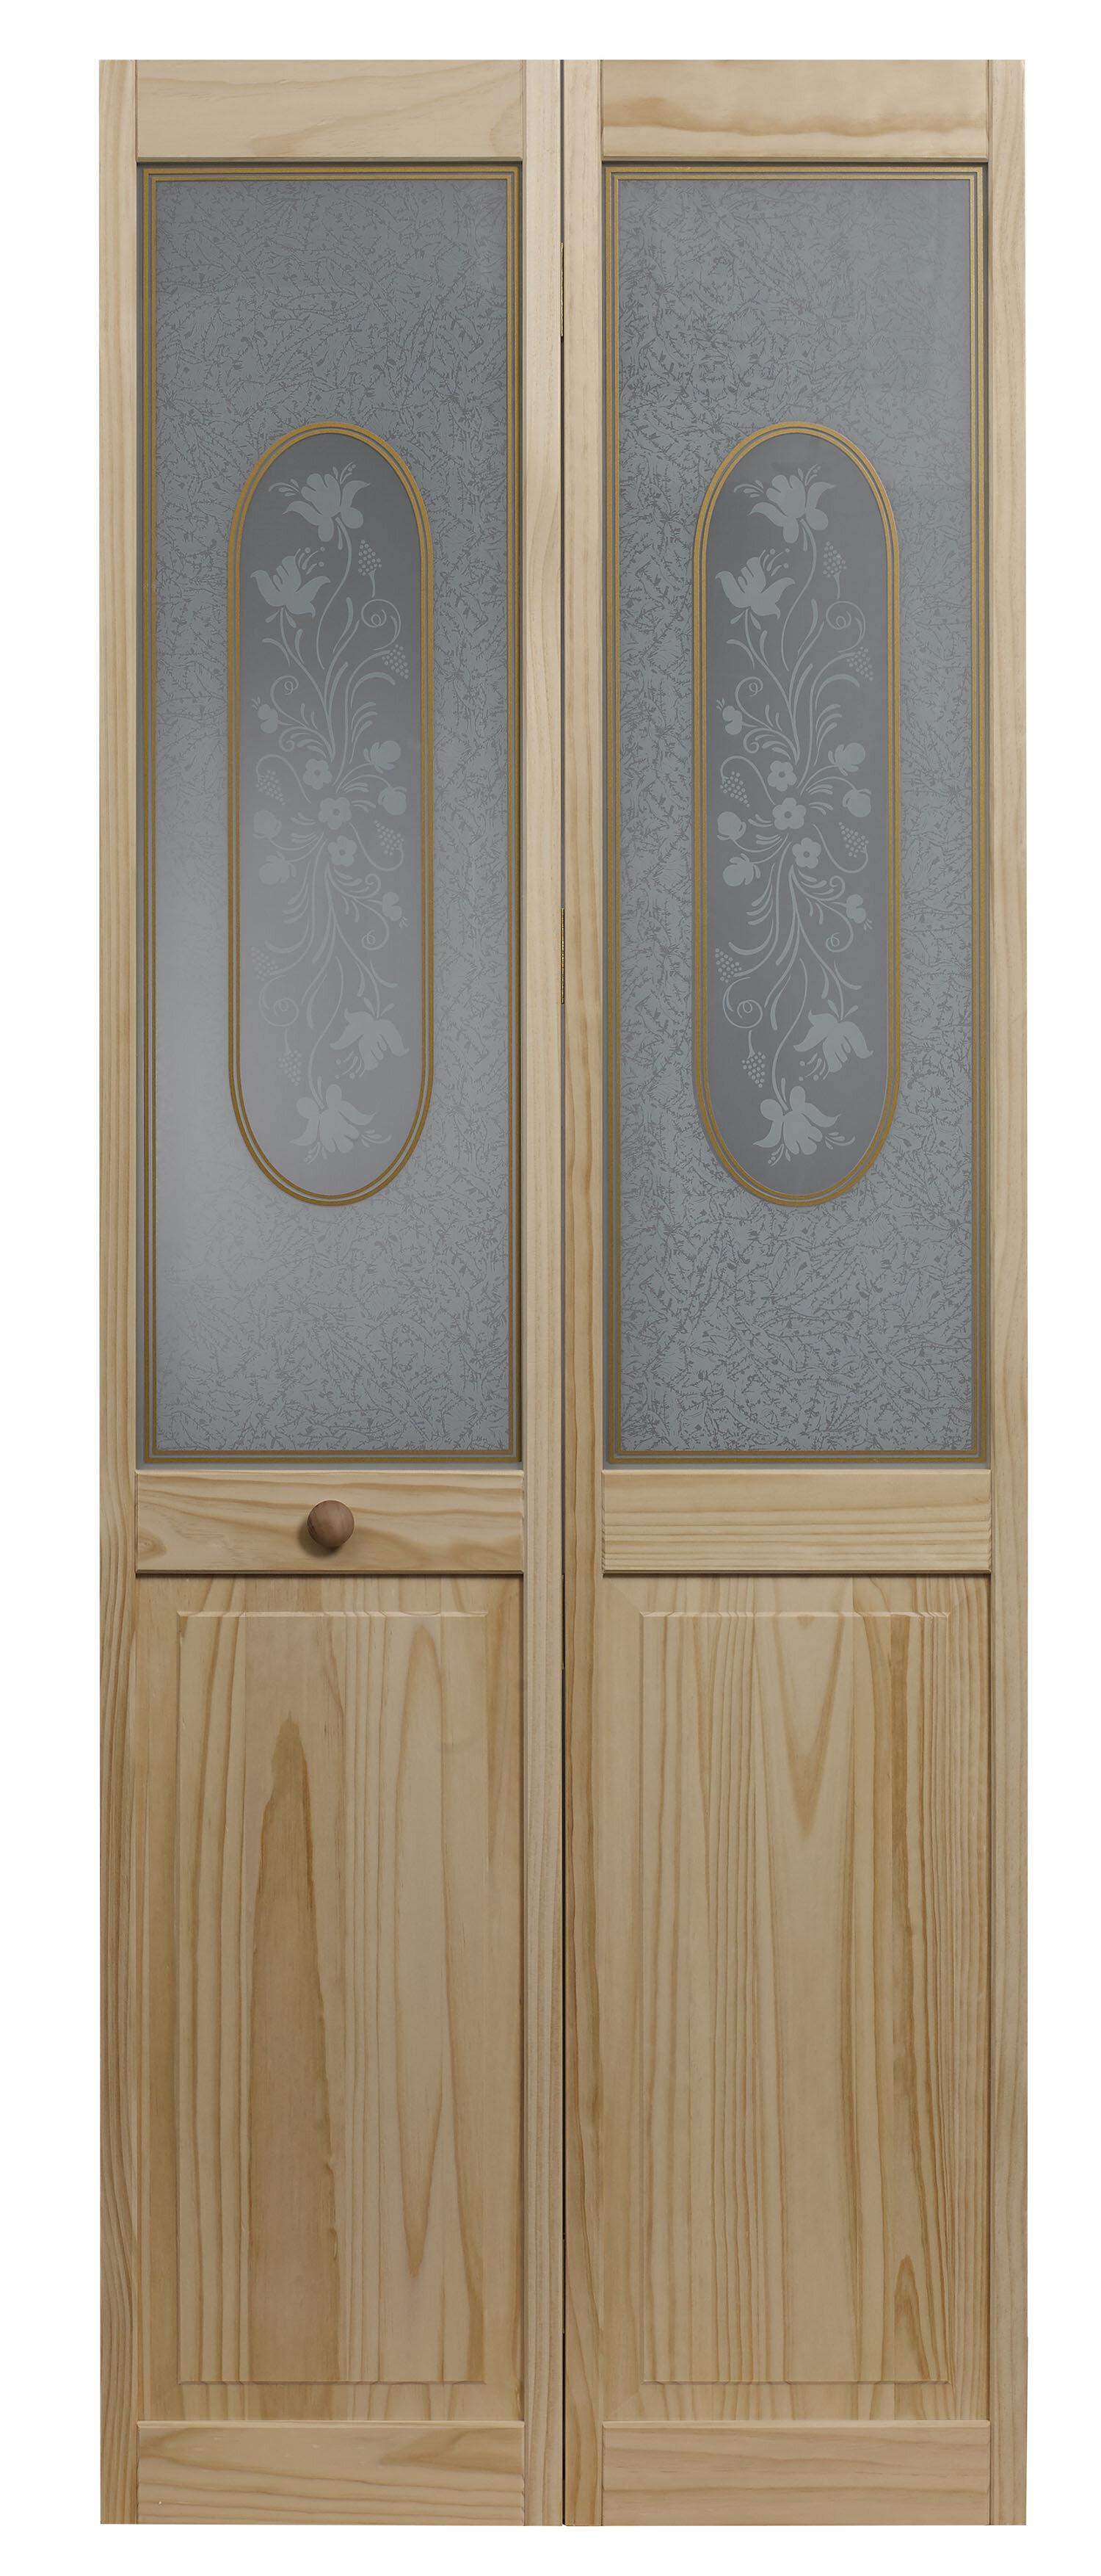 closet doors that open outward